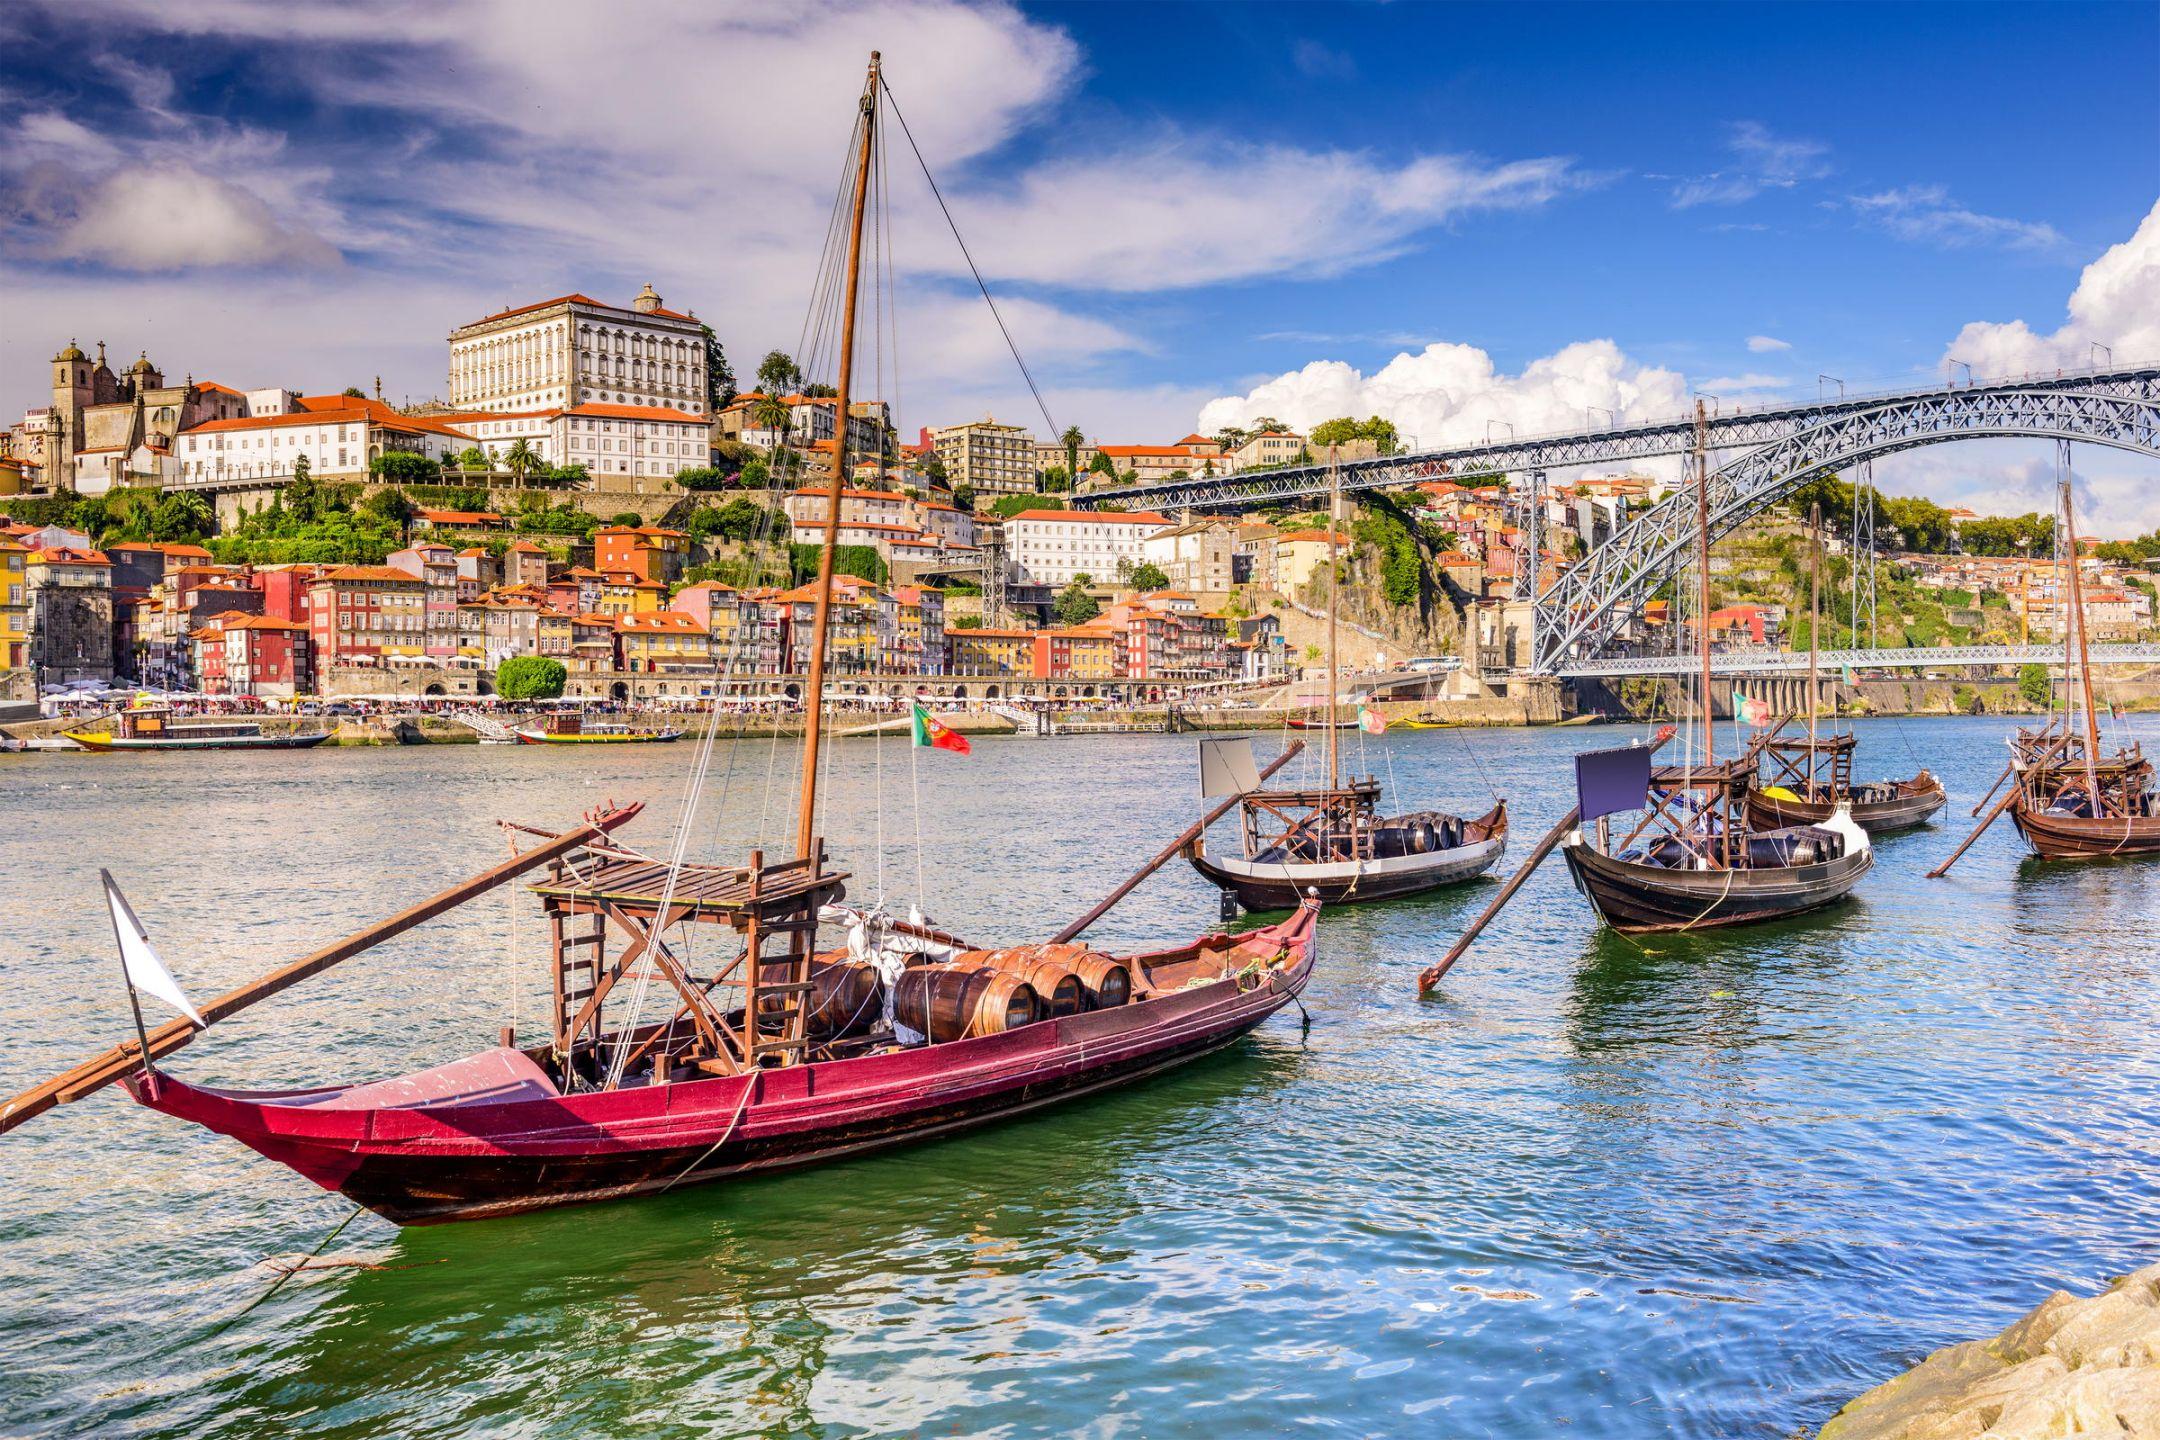 Η Πορτογαλική Δημοκρατία βρίσκεται στο δυτικό άκρο της Ιβηρικής χερσονήσου στη νοτιοδυτική Ευρώπη. Βόρεια και ανατολικά συνορεύει με την Ισπανία, ενώ νότια και δυτικά βρέχεται από τον Ατλαντικό ωκεανό. Η χώρα περιλαμβάνει και δύο αρχιπελάγη στον Ατλαντικό, τις Αζόρες και τη Μαδέρα. Πρωτεύουσα της χώρας είναι η Λισαβόνα. Γραφικά χωριά, τοπία μοναδικής φυσικής ομορφιάς, εκπληκτικές γαστρονομικές απολαύσεις, πανέμορφες παραλίες, παραδοσιακά μπαρόκ και κτήρια γοτθικής αρχιτεκτονικής. Η Πορτογαλία σάς προσκαλεί να την ανακαλύψετε καθ' όλη τη διάρκεια του χρόνου!